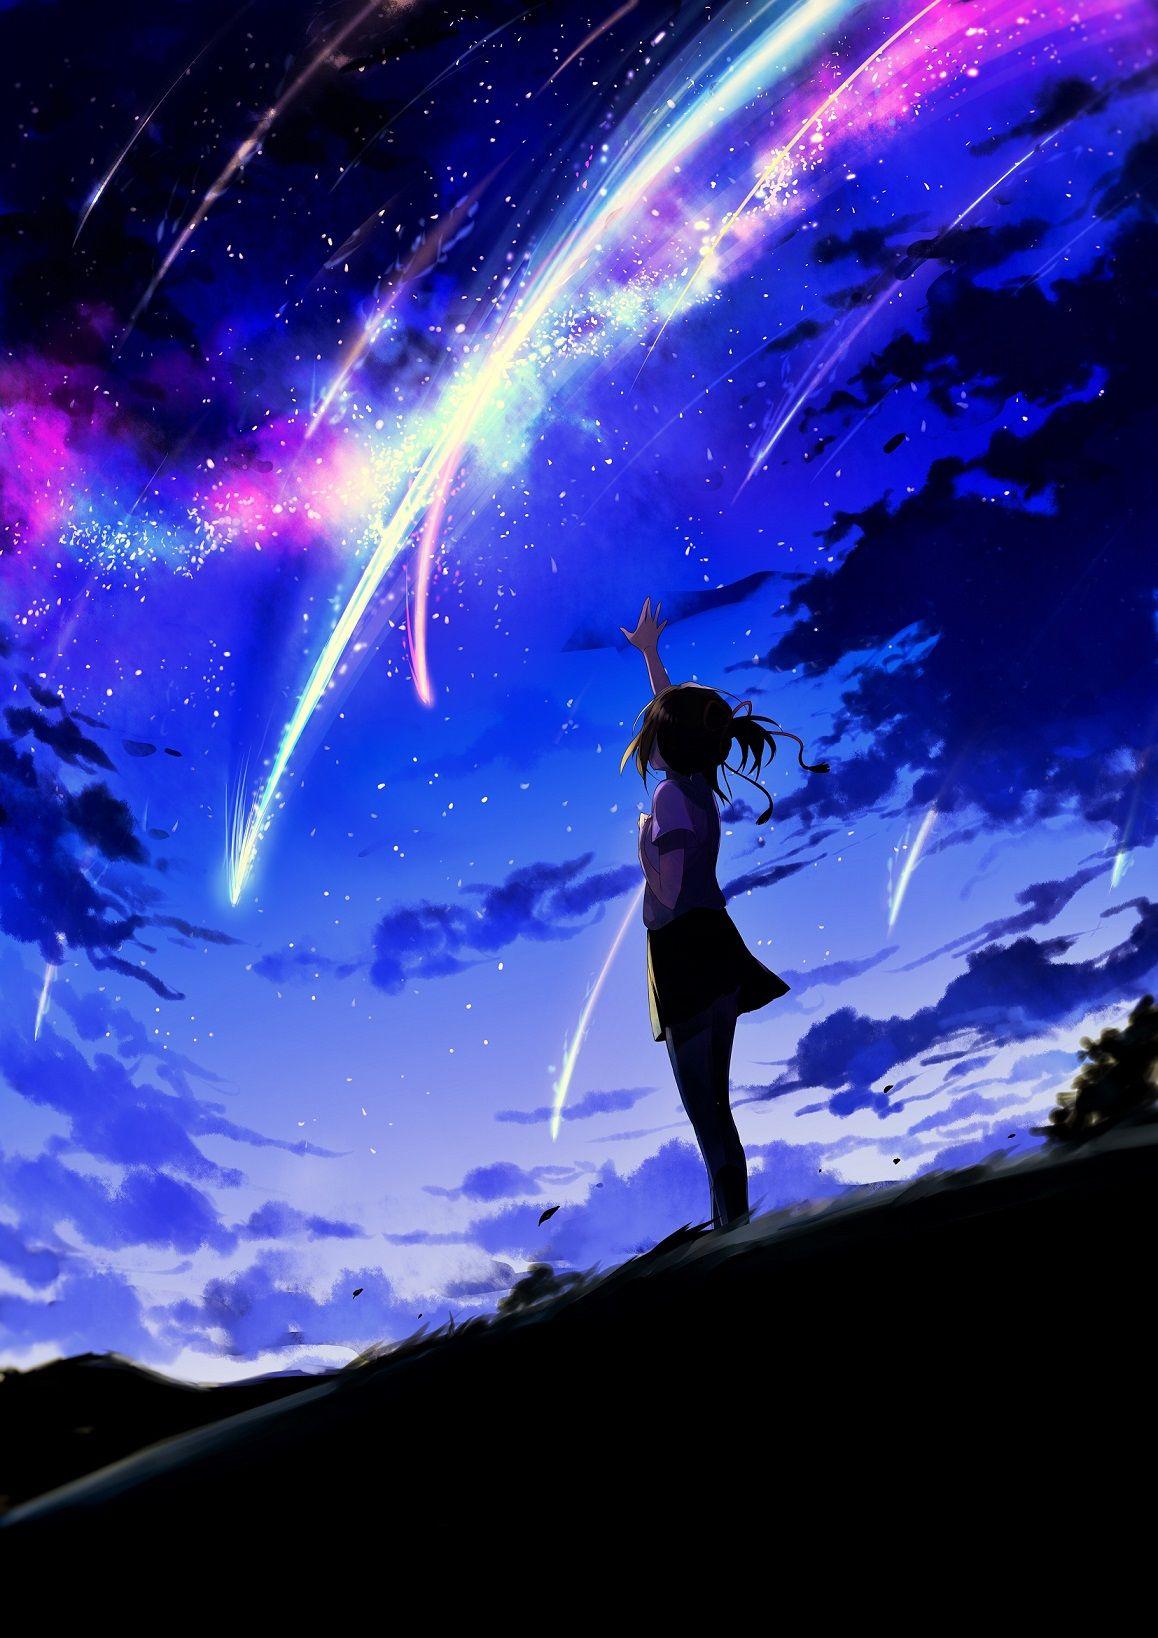 58731987_p0.jpg Phong cảnh, Anime, Thiên hà